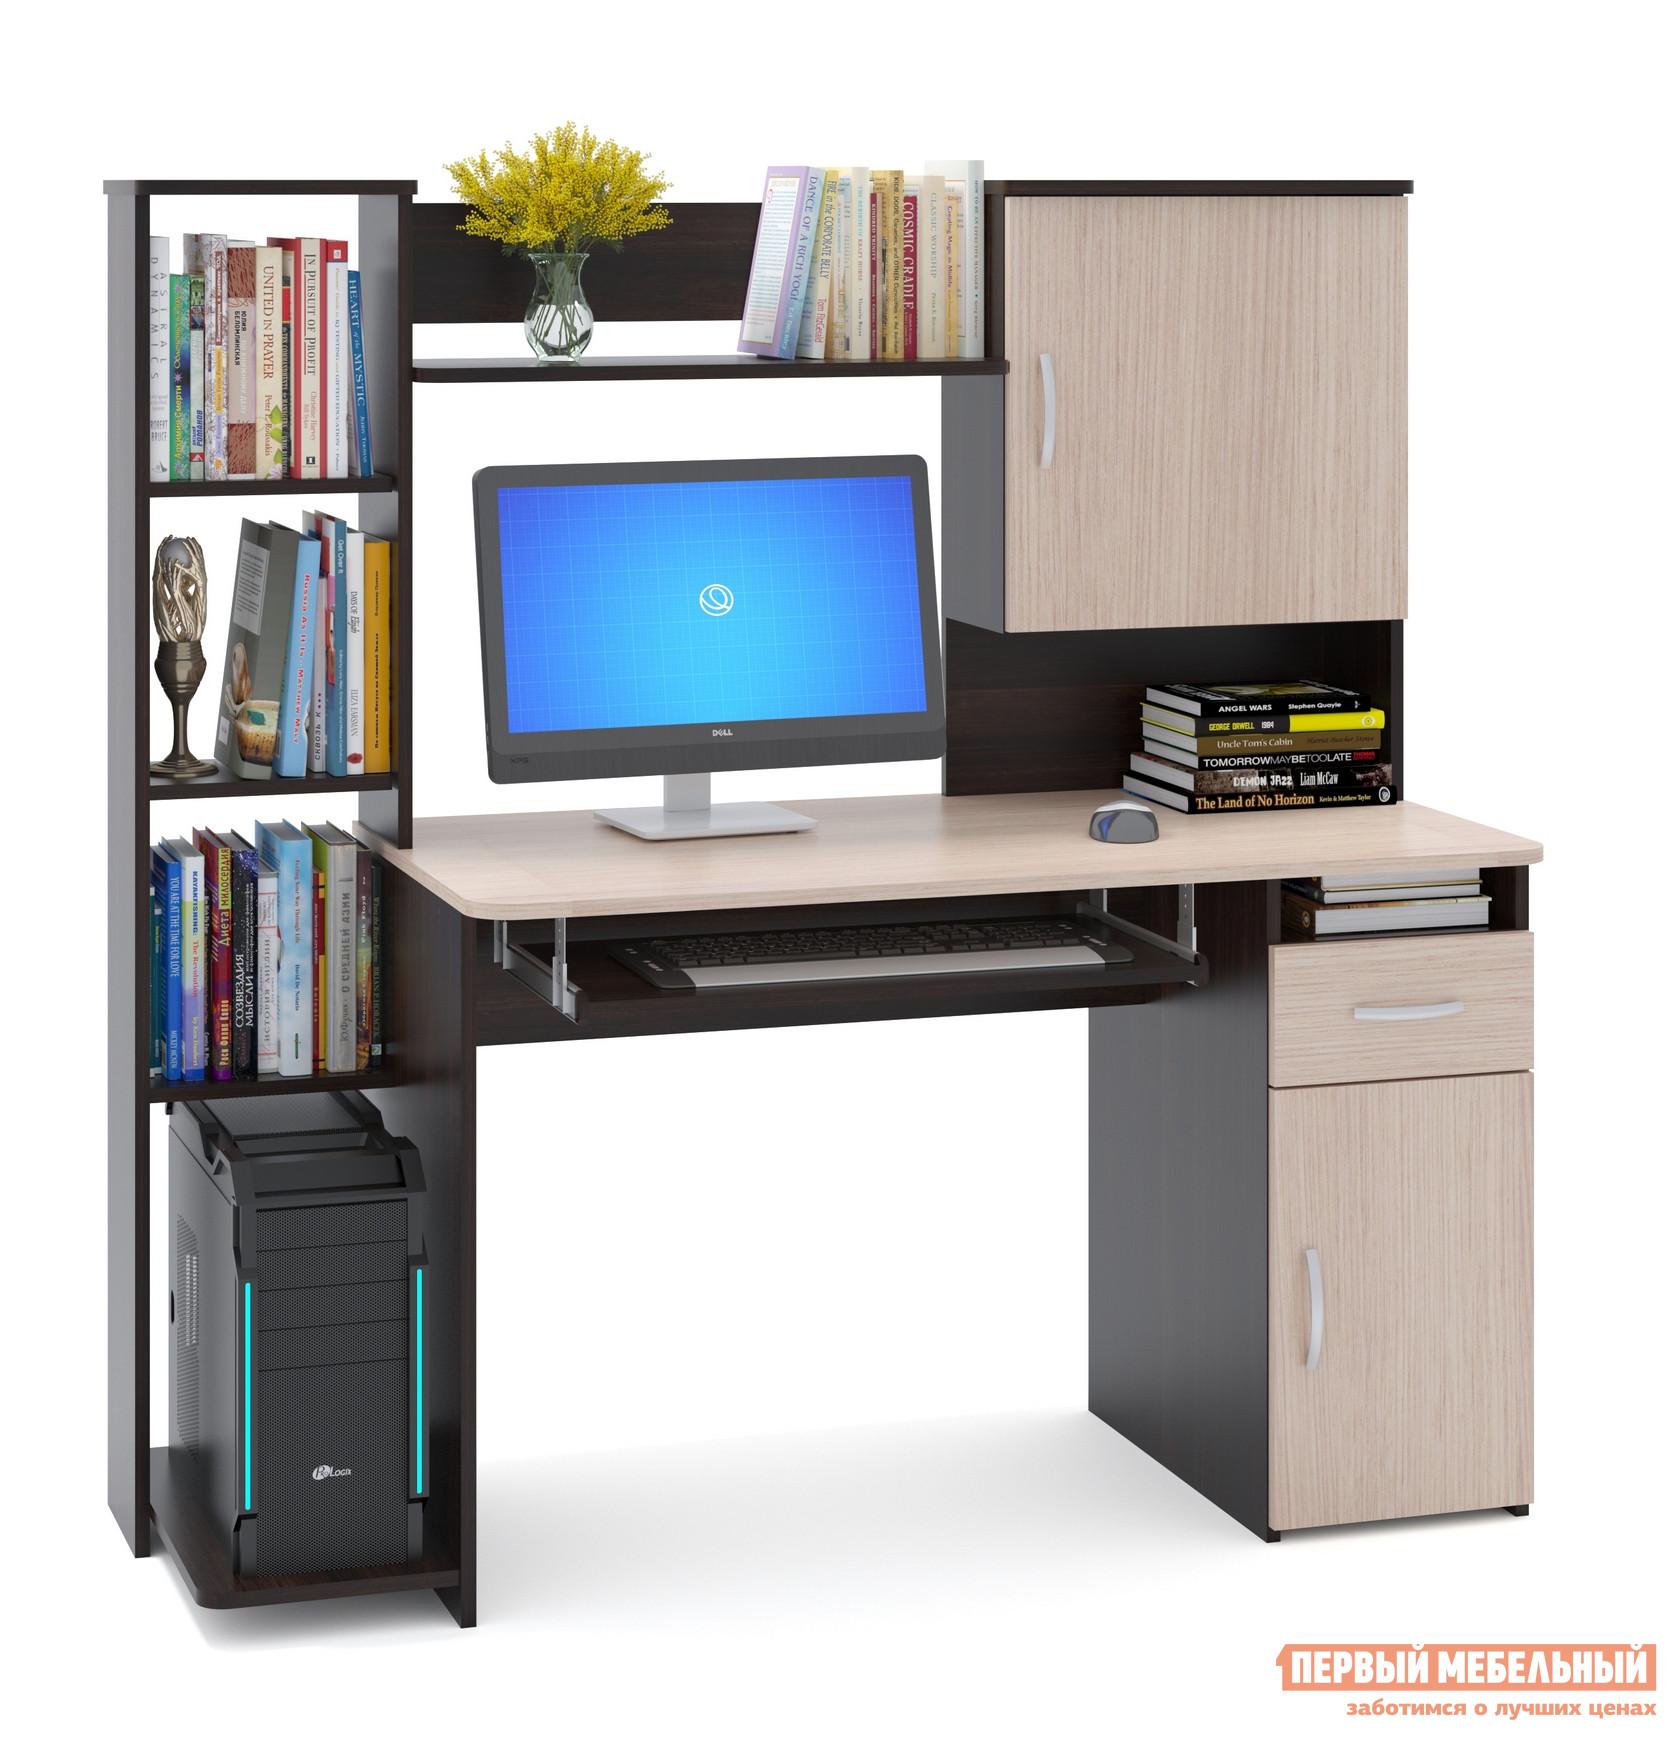 """Компьютерный стол Сокол КСТ-11.1 Корпус Венге / Фасад Беленый дубКомпьютерные столы<br>Габаритные размеры ВхШхГ 1444x1486x600 мм. Удобный компьютерный стол с большим количеством полок.  Такое решение прекрасно подойдет для организации места для учебы.  В боковом стеллаже на нижней полке можно удобно разместить системный блок.  За распашными дверками также находятся полки.  Стол оборудован выдвижным ящиком и полкой для клавиатуры, которую можно не устанавливать, если вы планируете работать за ноутбуком. Высота полки под системный блок – 404 мм, Проем под монитор — 442 х 688 мм (под монитор 20""""). Изделие универсальное при сборке - блок со стеллажом и блок с закрытыми полками можно расположить с любой стороны. Столешница изготовлена из ЛДСП отечественного производства толщиной 16 мм, отделана кромкой ПВХ 2 мм.  Рекомендуем сохранить инструкцию по сборке (паспорт изделия) до истечения гарантийного срока.<br><br>Цвет: Темное-cветлое дерево<br>Высота мм: 1444<br>Ширина мм: 1486<br>Глубина мм: 600<br>Кол-во упаковок: 2<br>Форма поставки: В разобранном виде<br>Срок гарантии: 2 года<br>Тип: Прямые<br>Материал: Дерево<br>Материал: ЛДСП<br>Размер: Большие<br>С надстройкой: Да<br>С тумбой: Да<br>С полками: Да"""